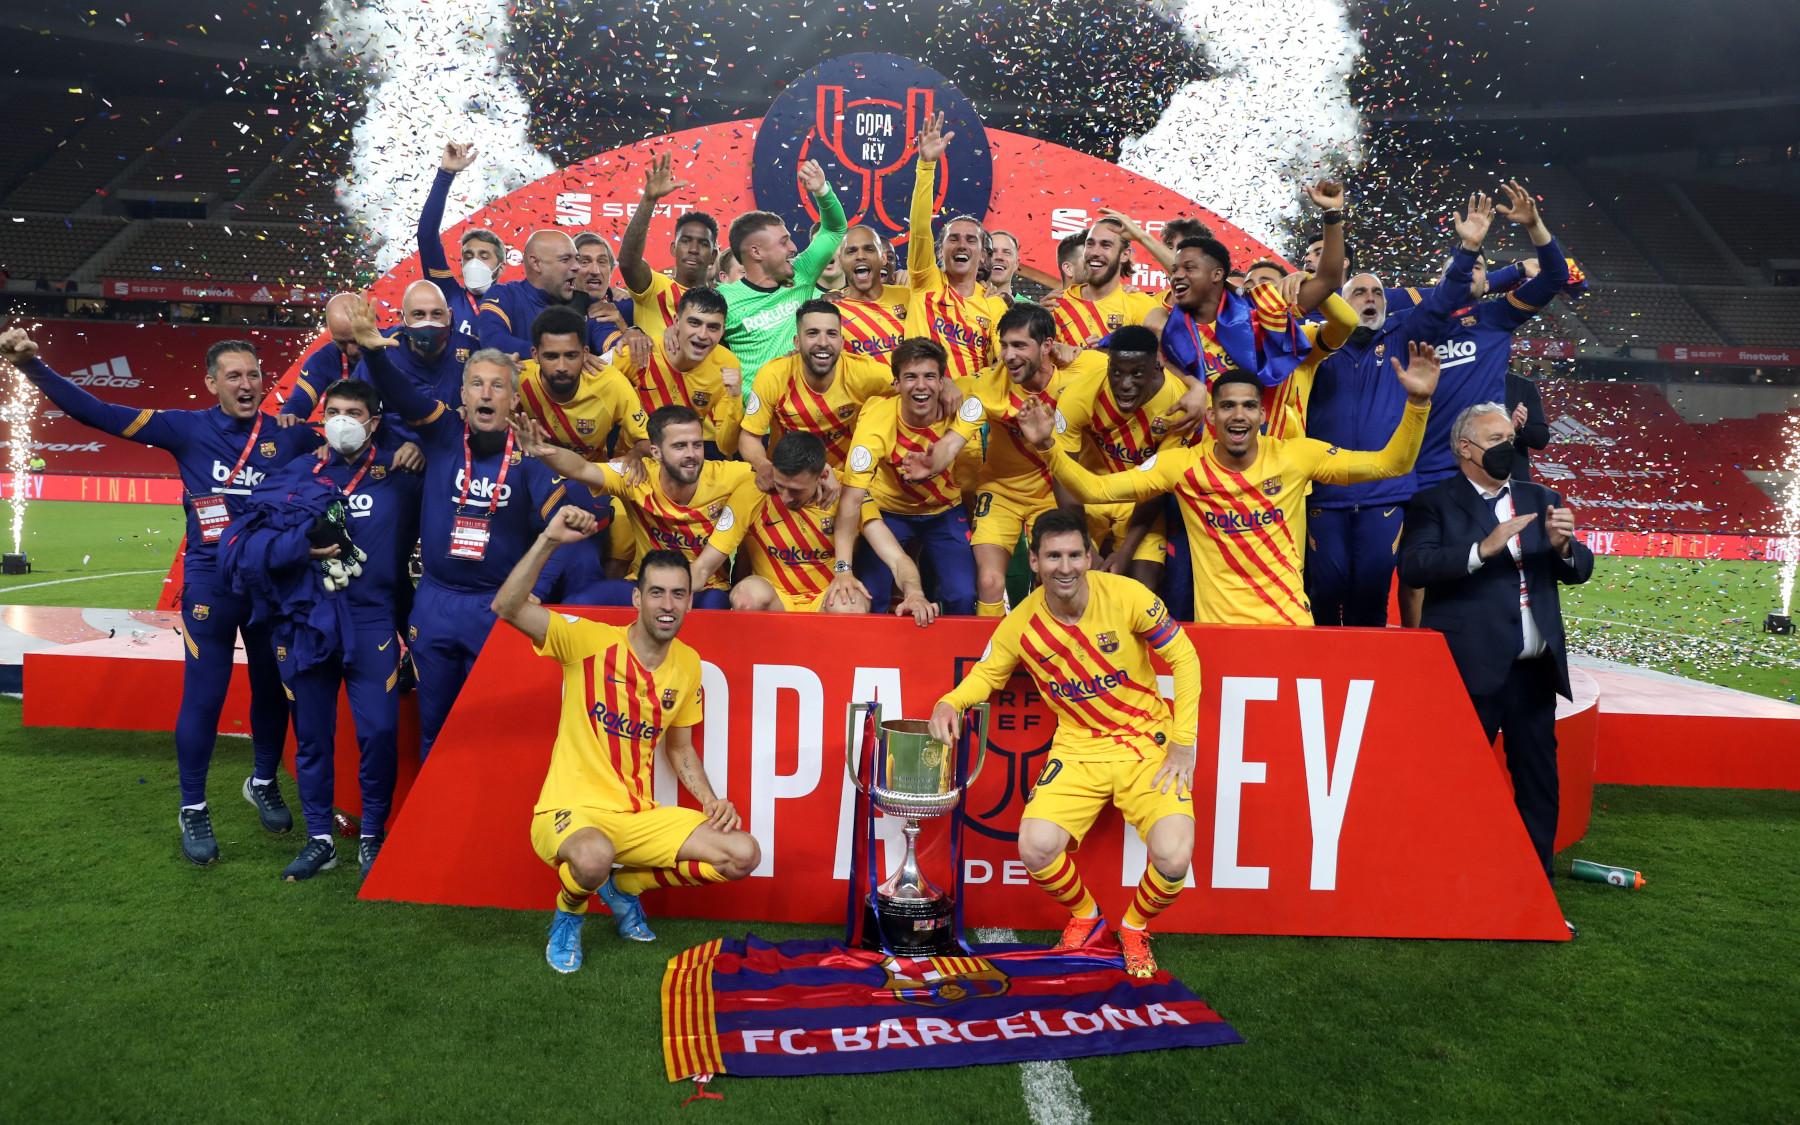 FC Barcelona se proclamó campeón de la Copa del Rey con una goleada ante Athletic Bilbao